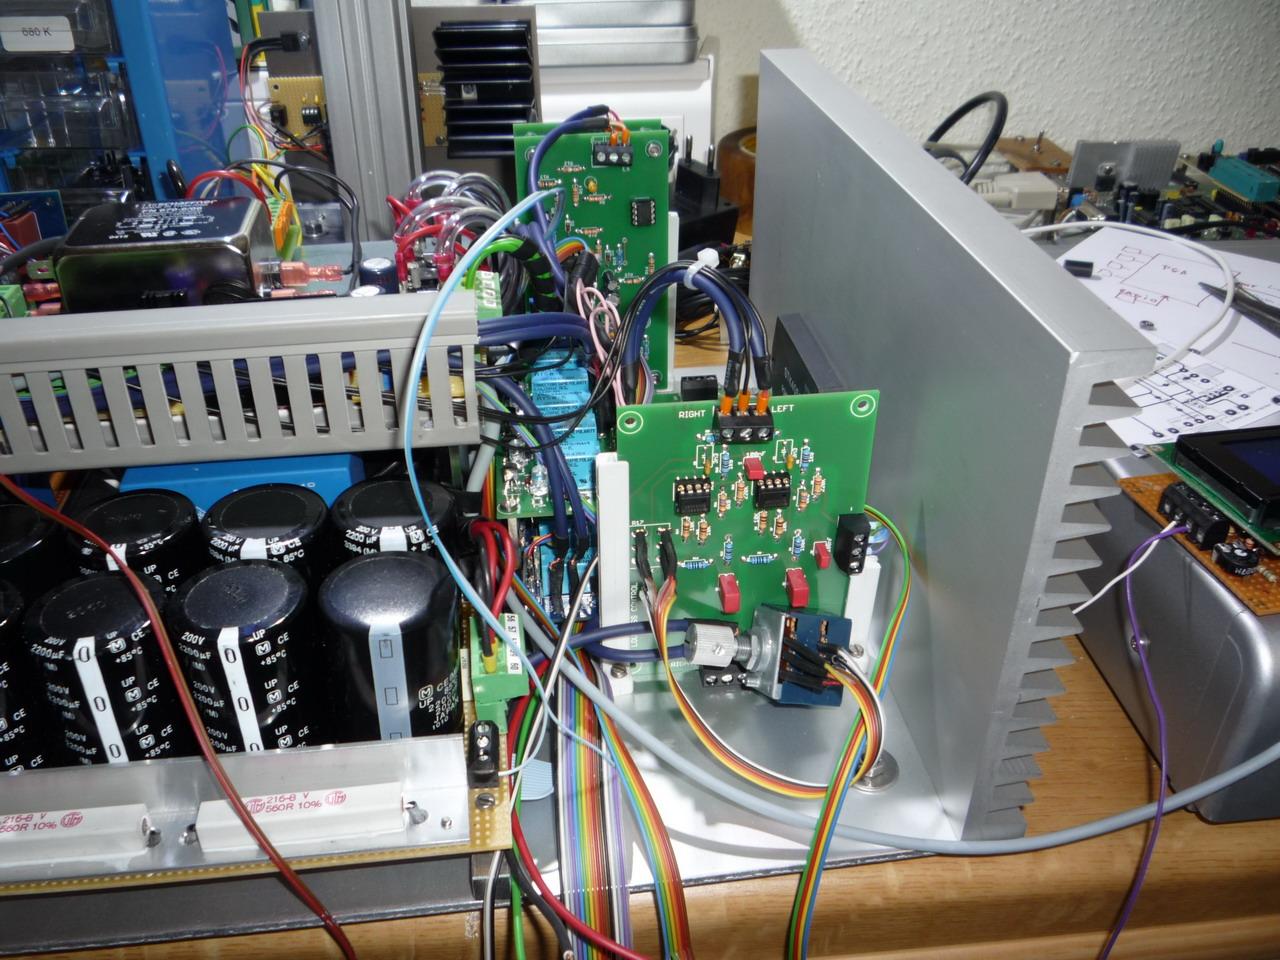 Projekt Mein Wohnzimmerverstrker Stk4050 Audio Amplifier With 200w Output Amp6